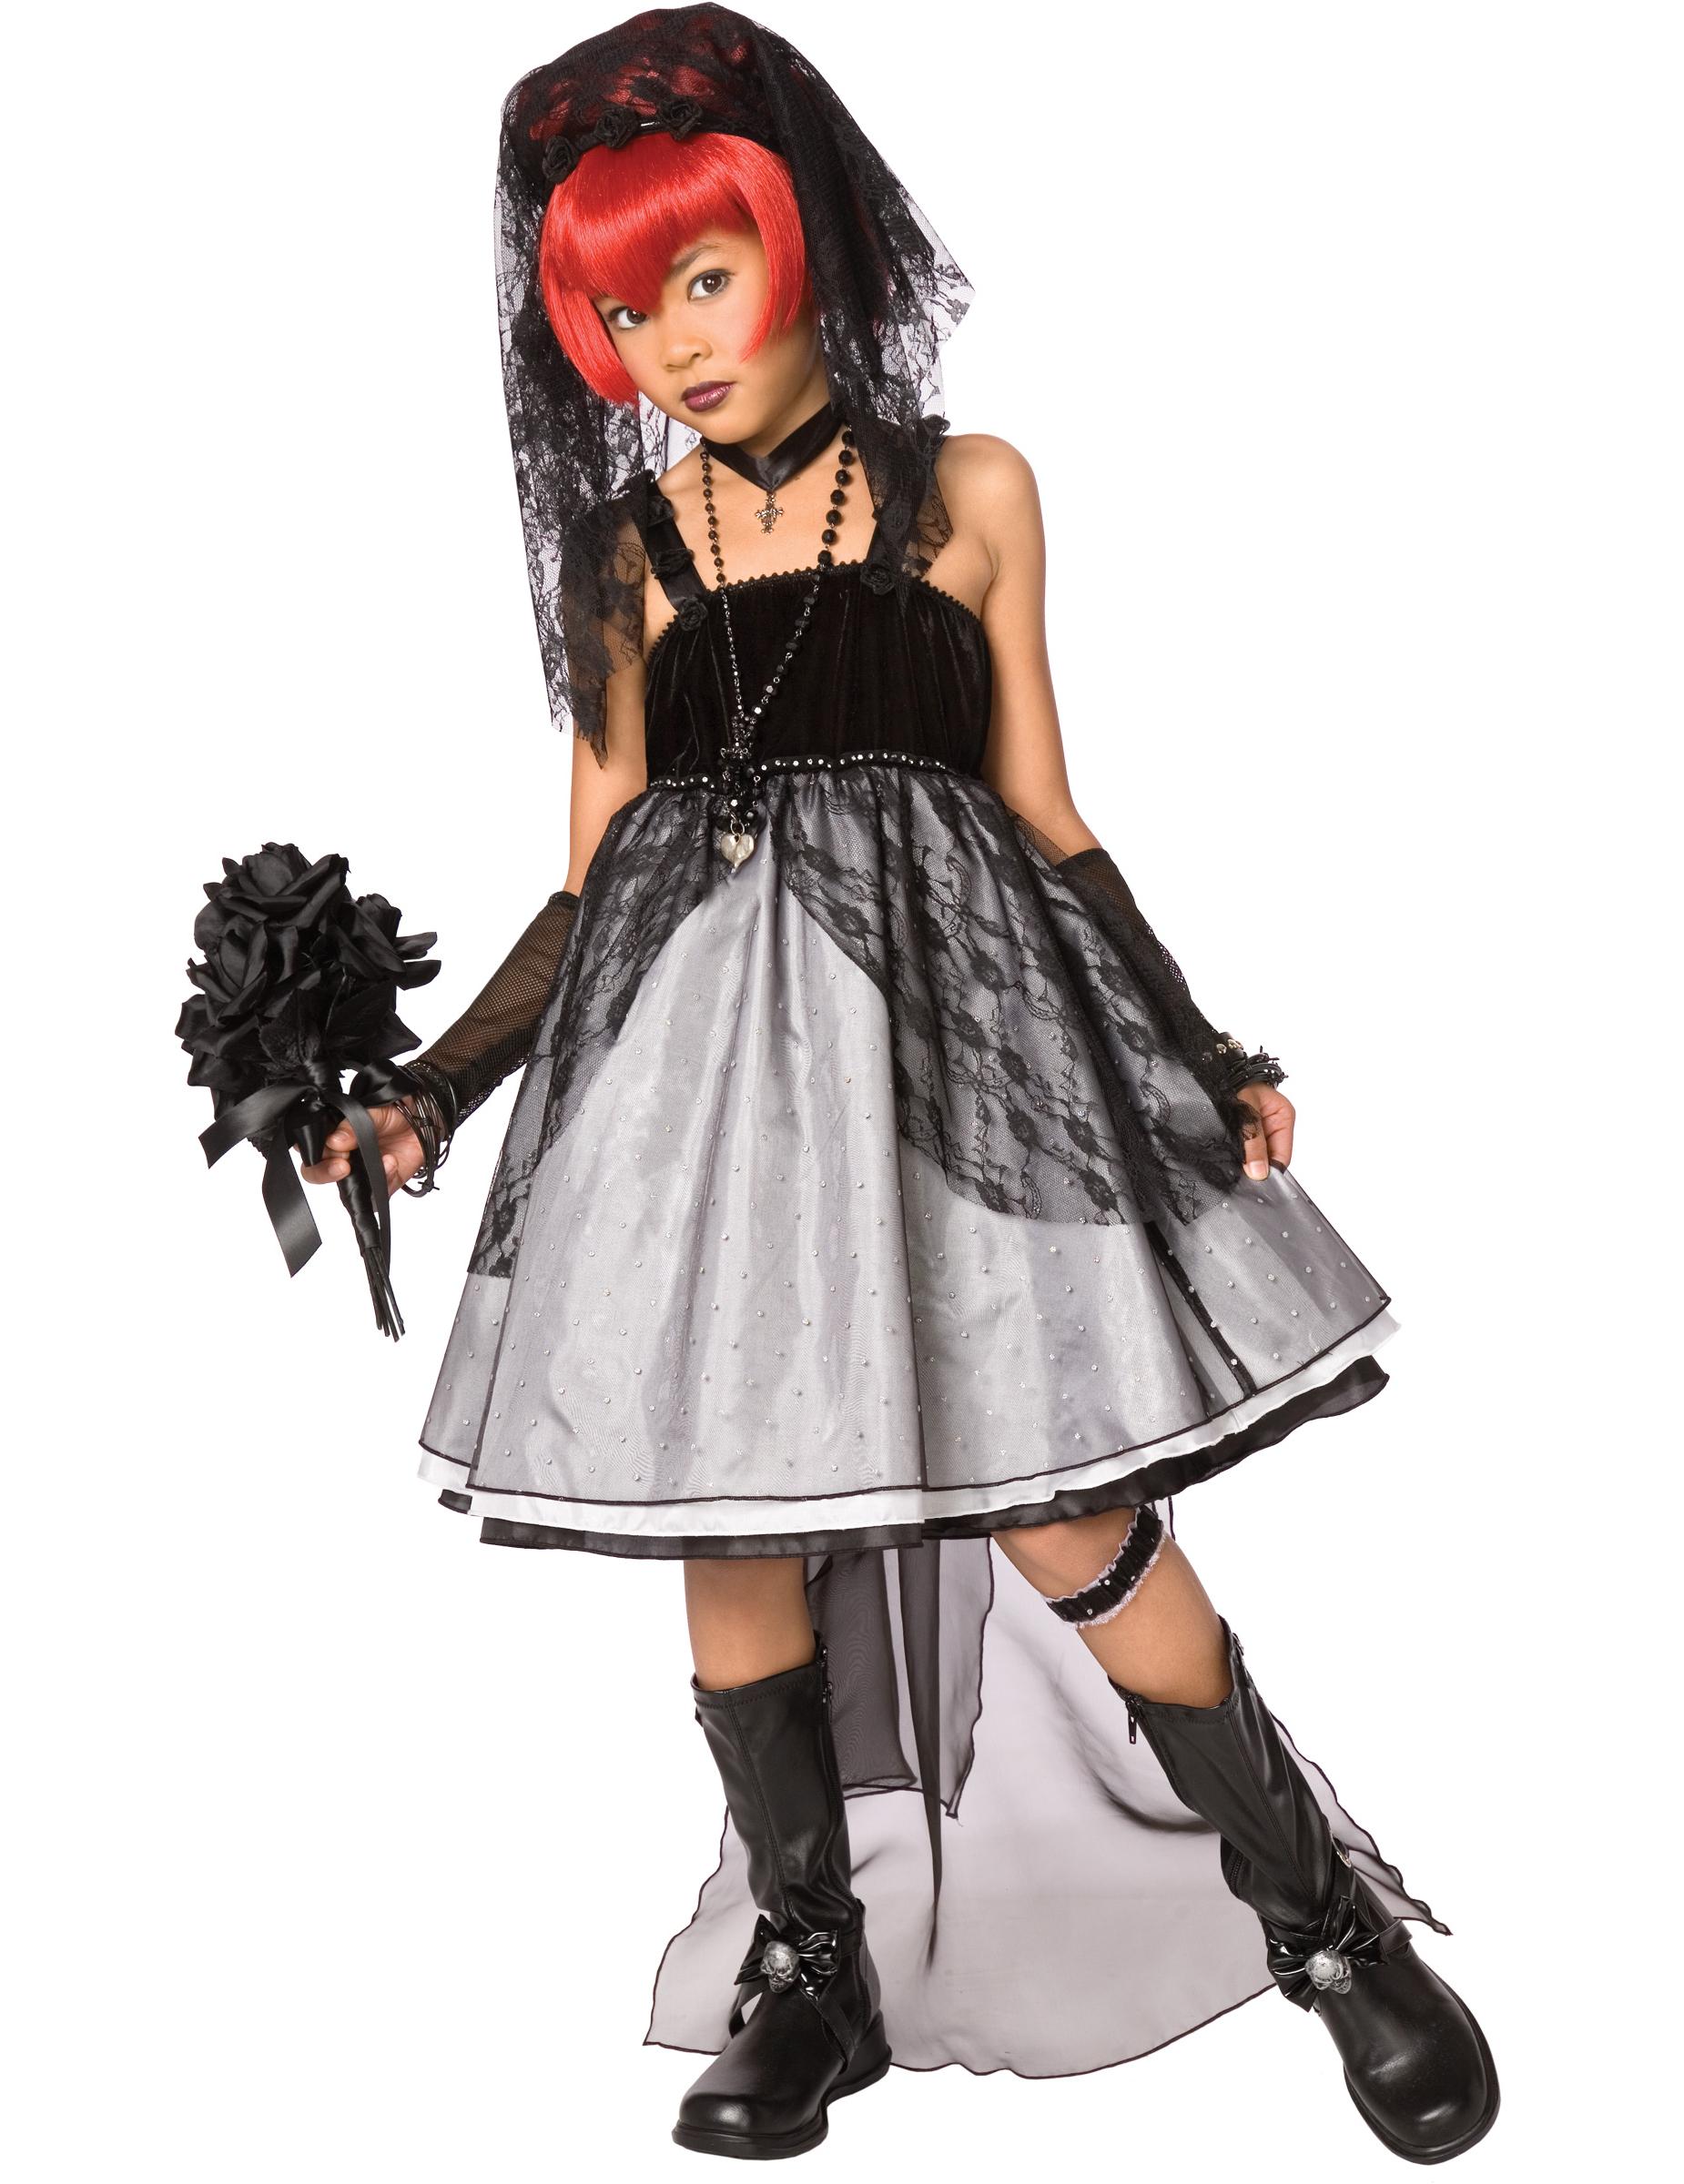 D guisement mari e gothique enfant deguise toi achat de d guisements enfants - Deguisement halloween mariee ...